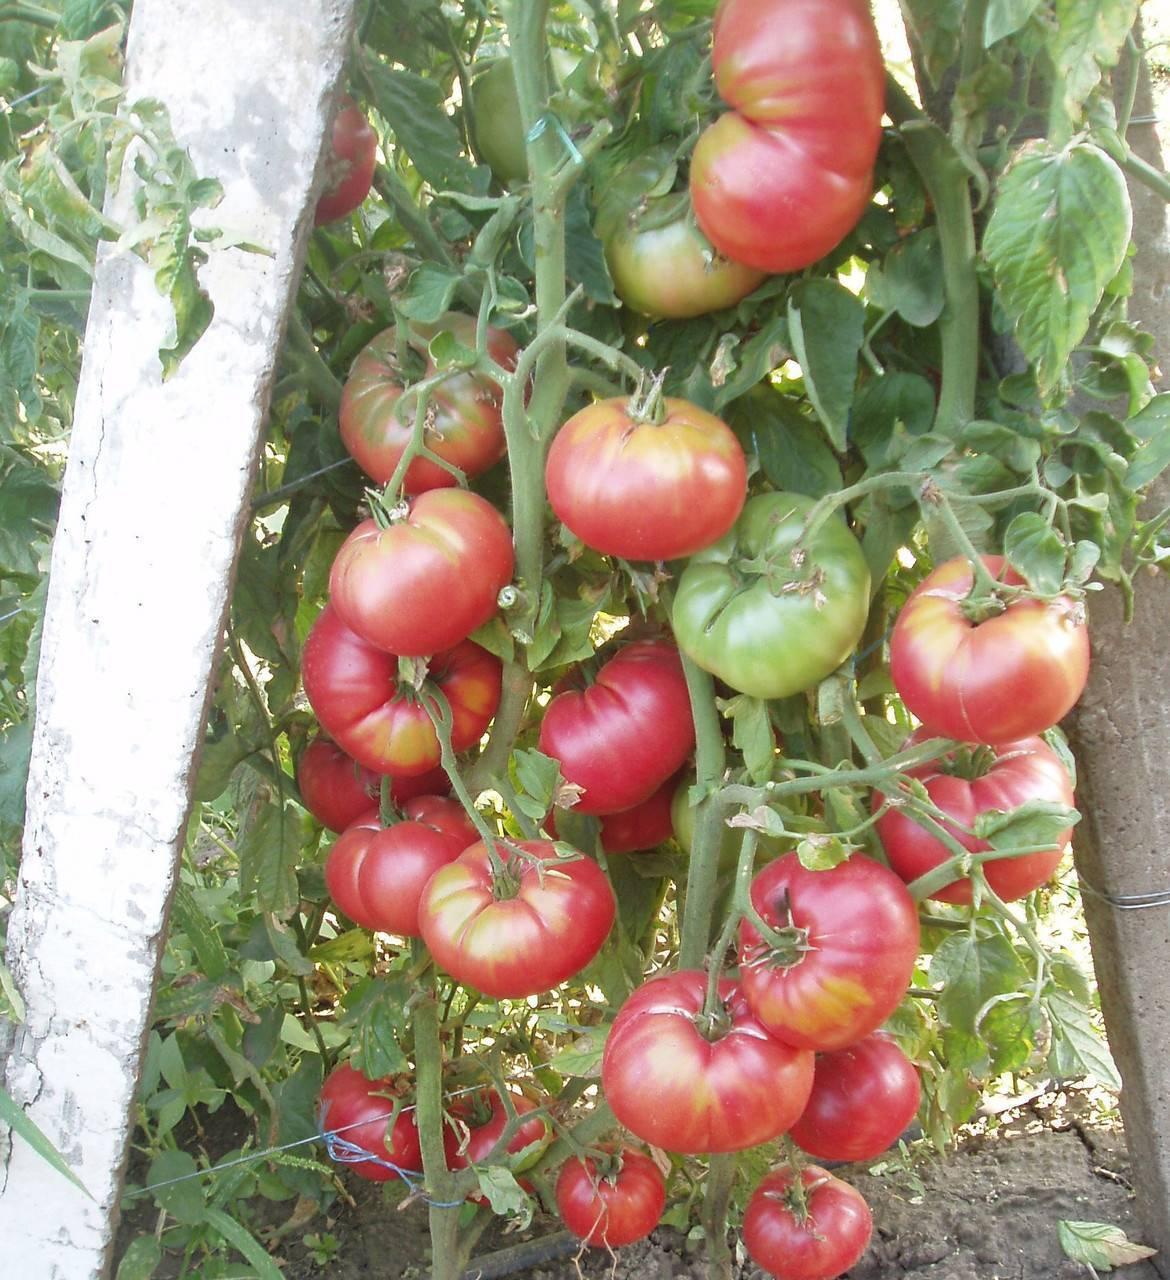 Сорт помидор корнеевский розовый описание и характеристика - всё о землеводстве